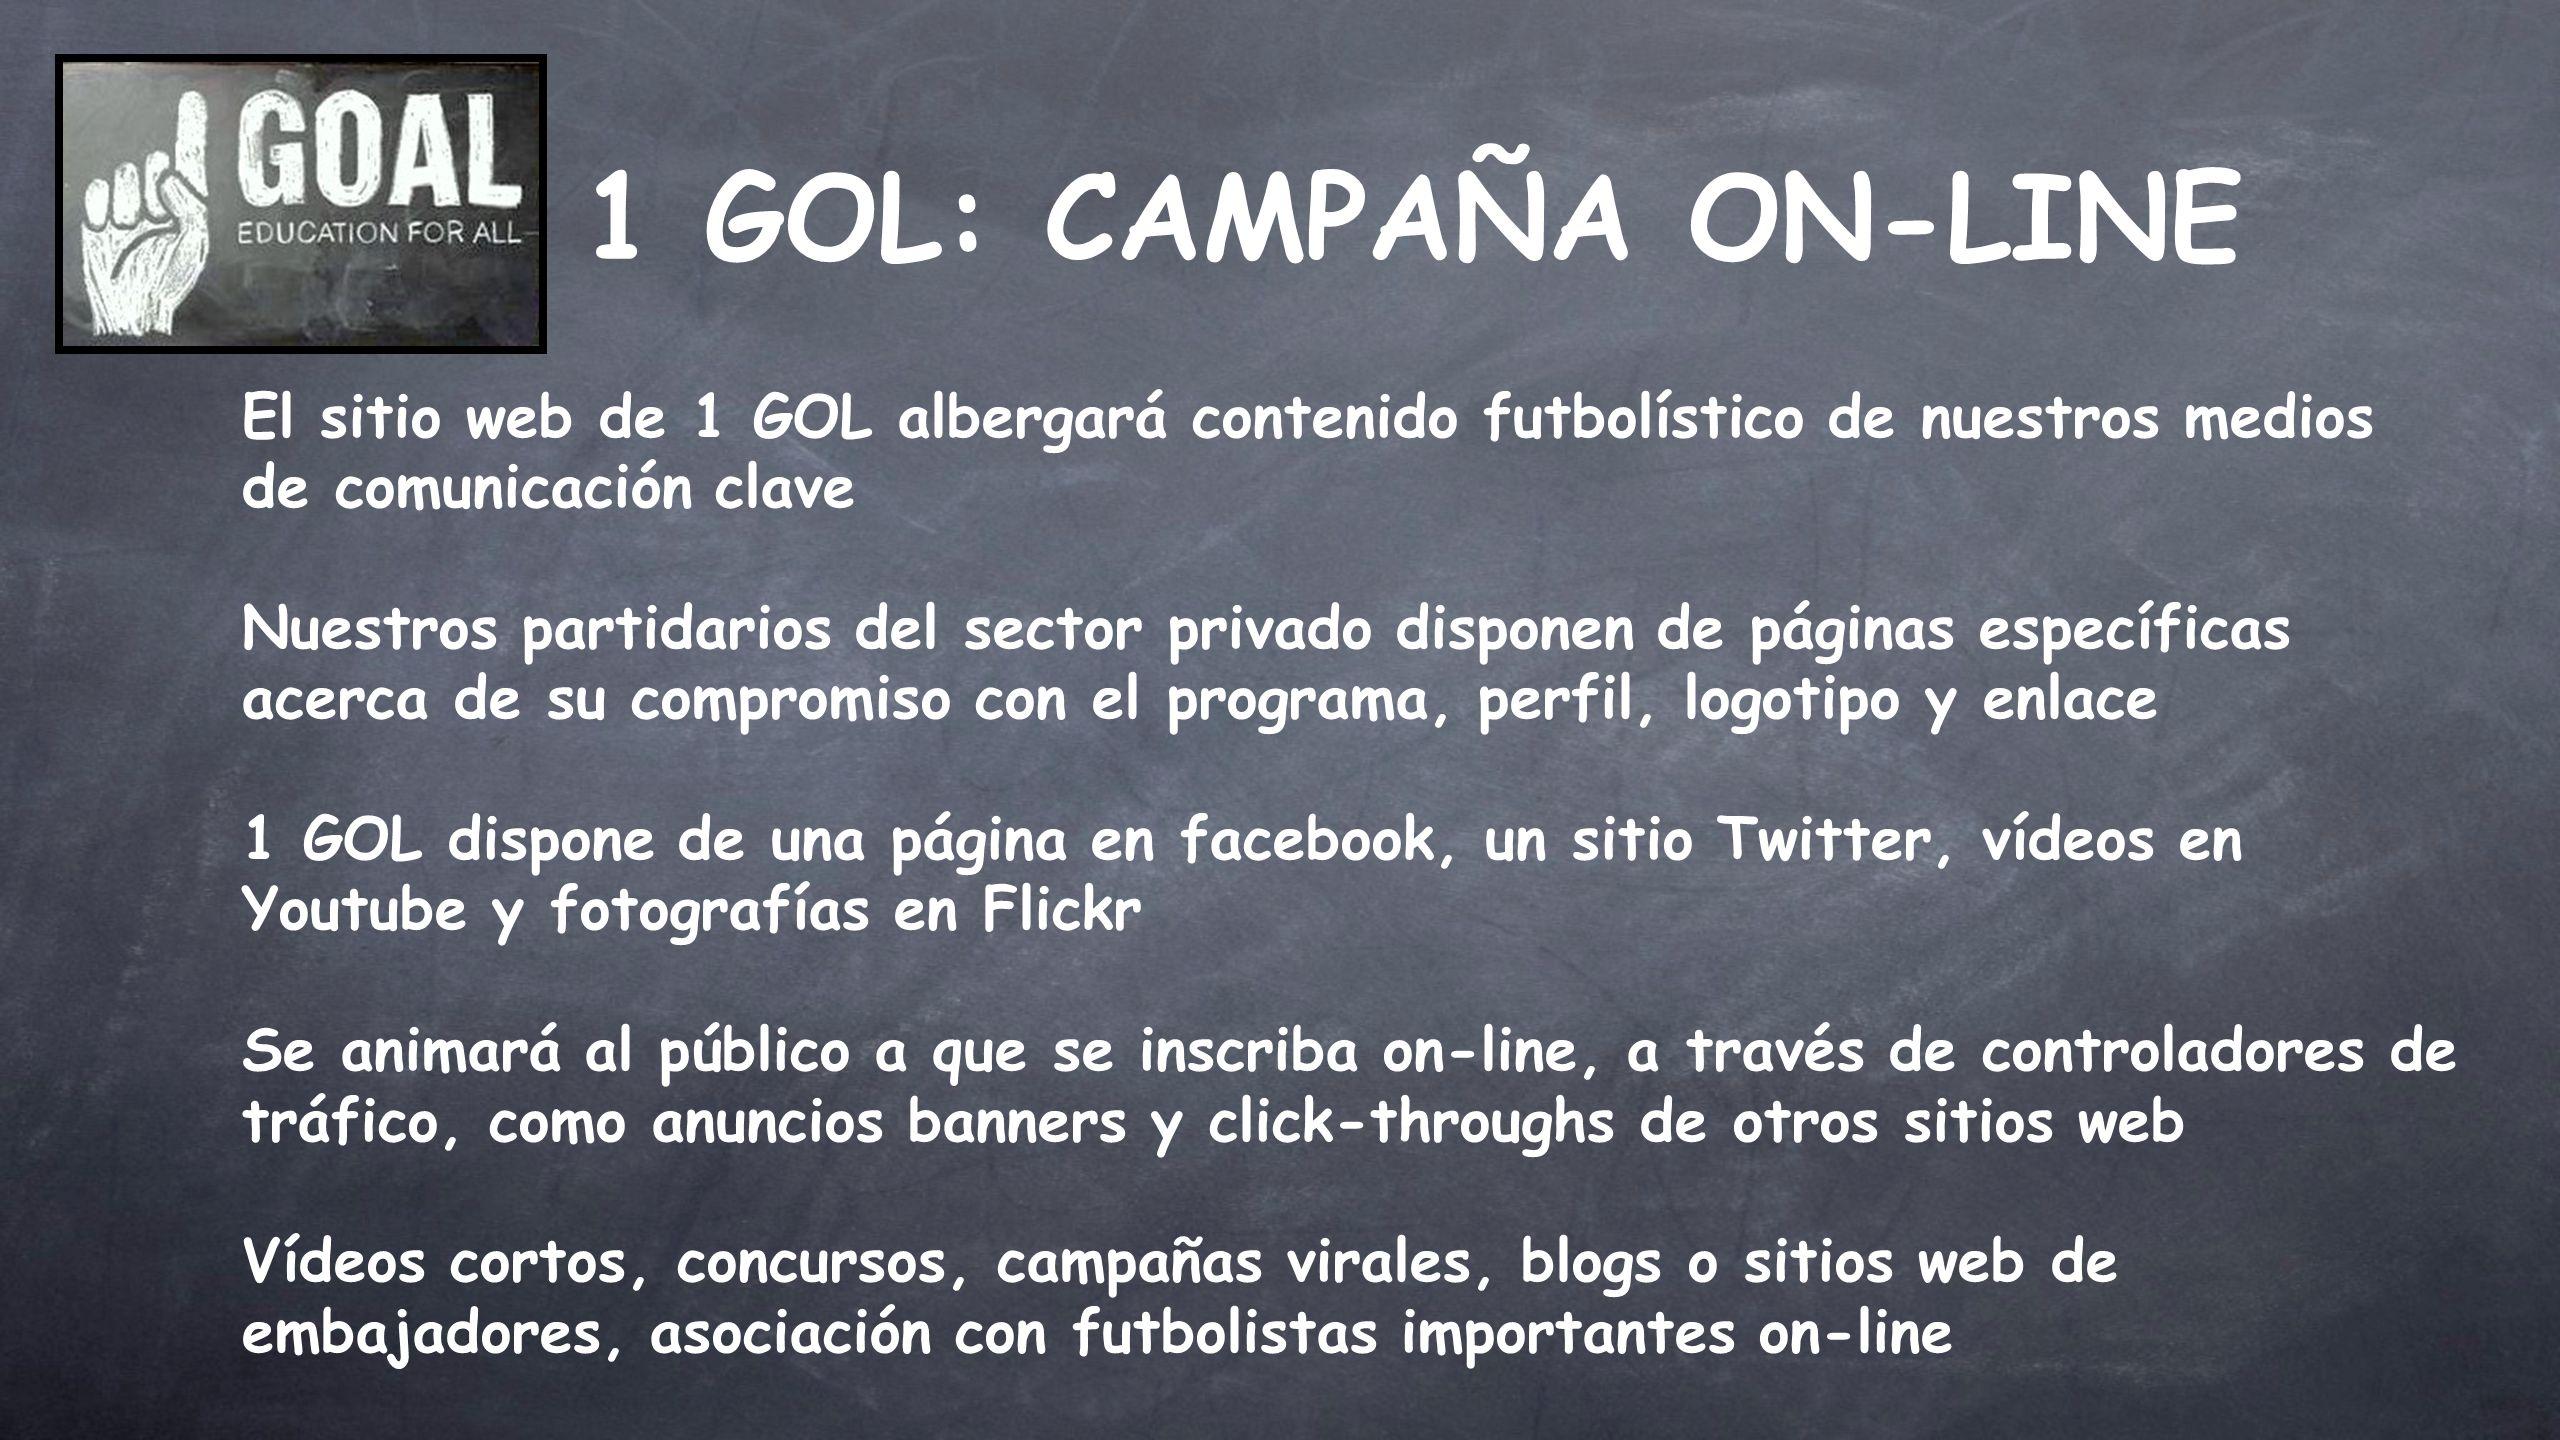 1 GOL: CAMPAÑA ON-LINE El sitio web de 1 GOL albergará contenido futbolístico de nuestros medios de comunicación clave Nuestros partidarios del sector